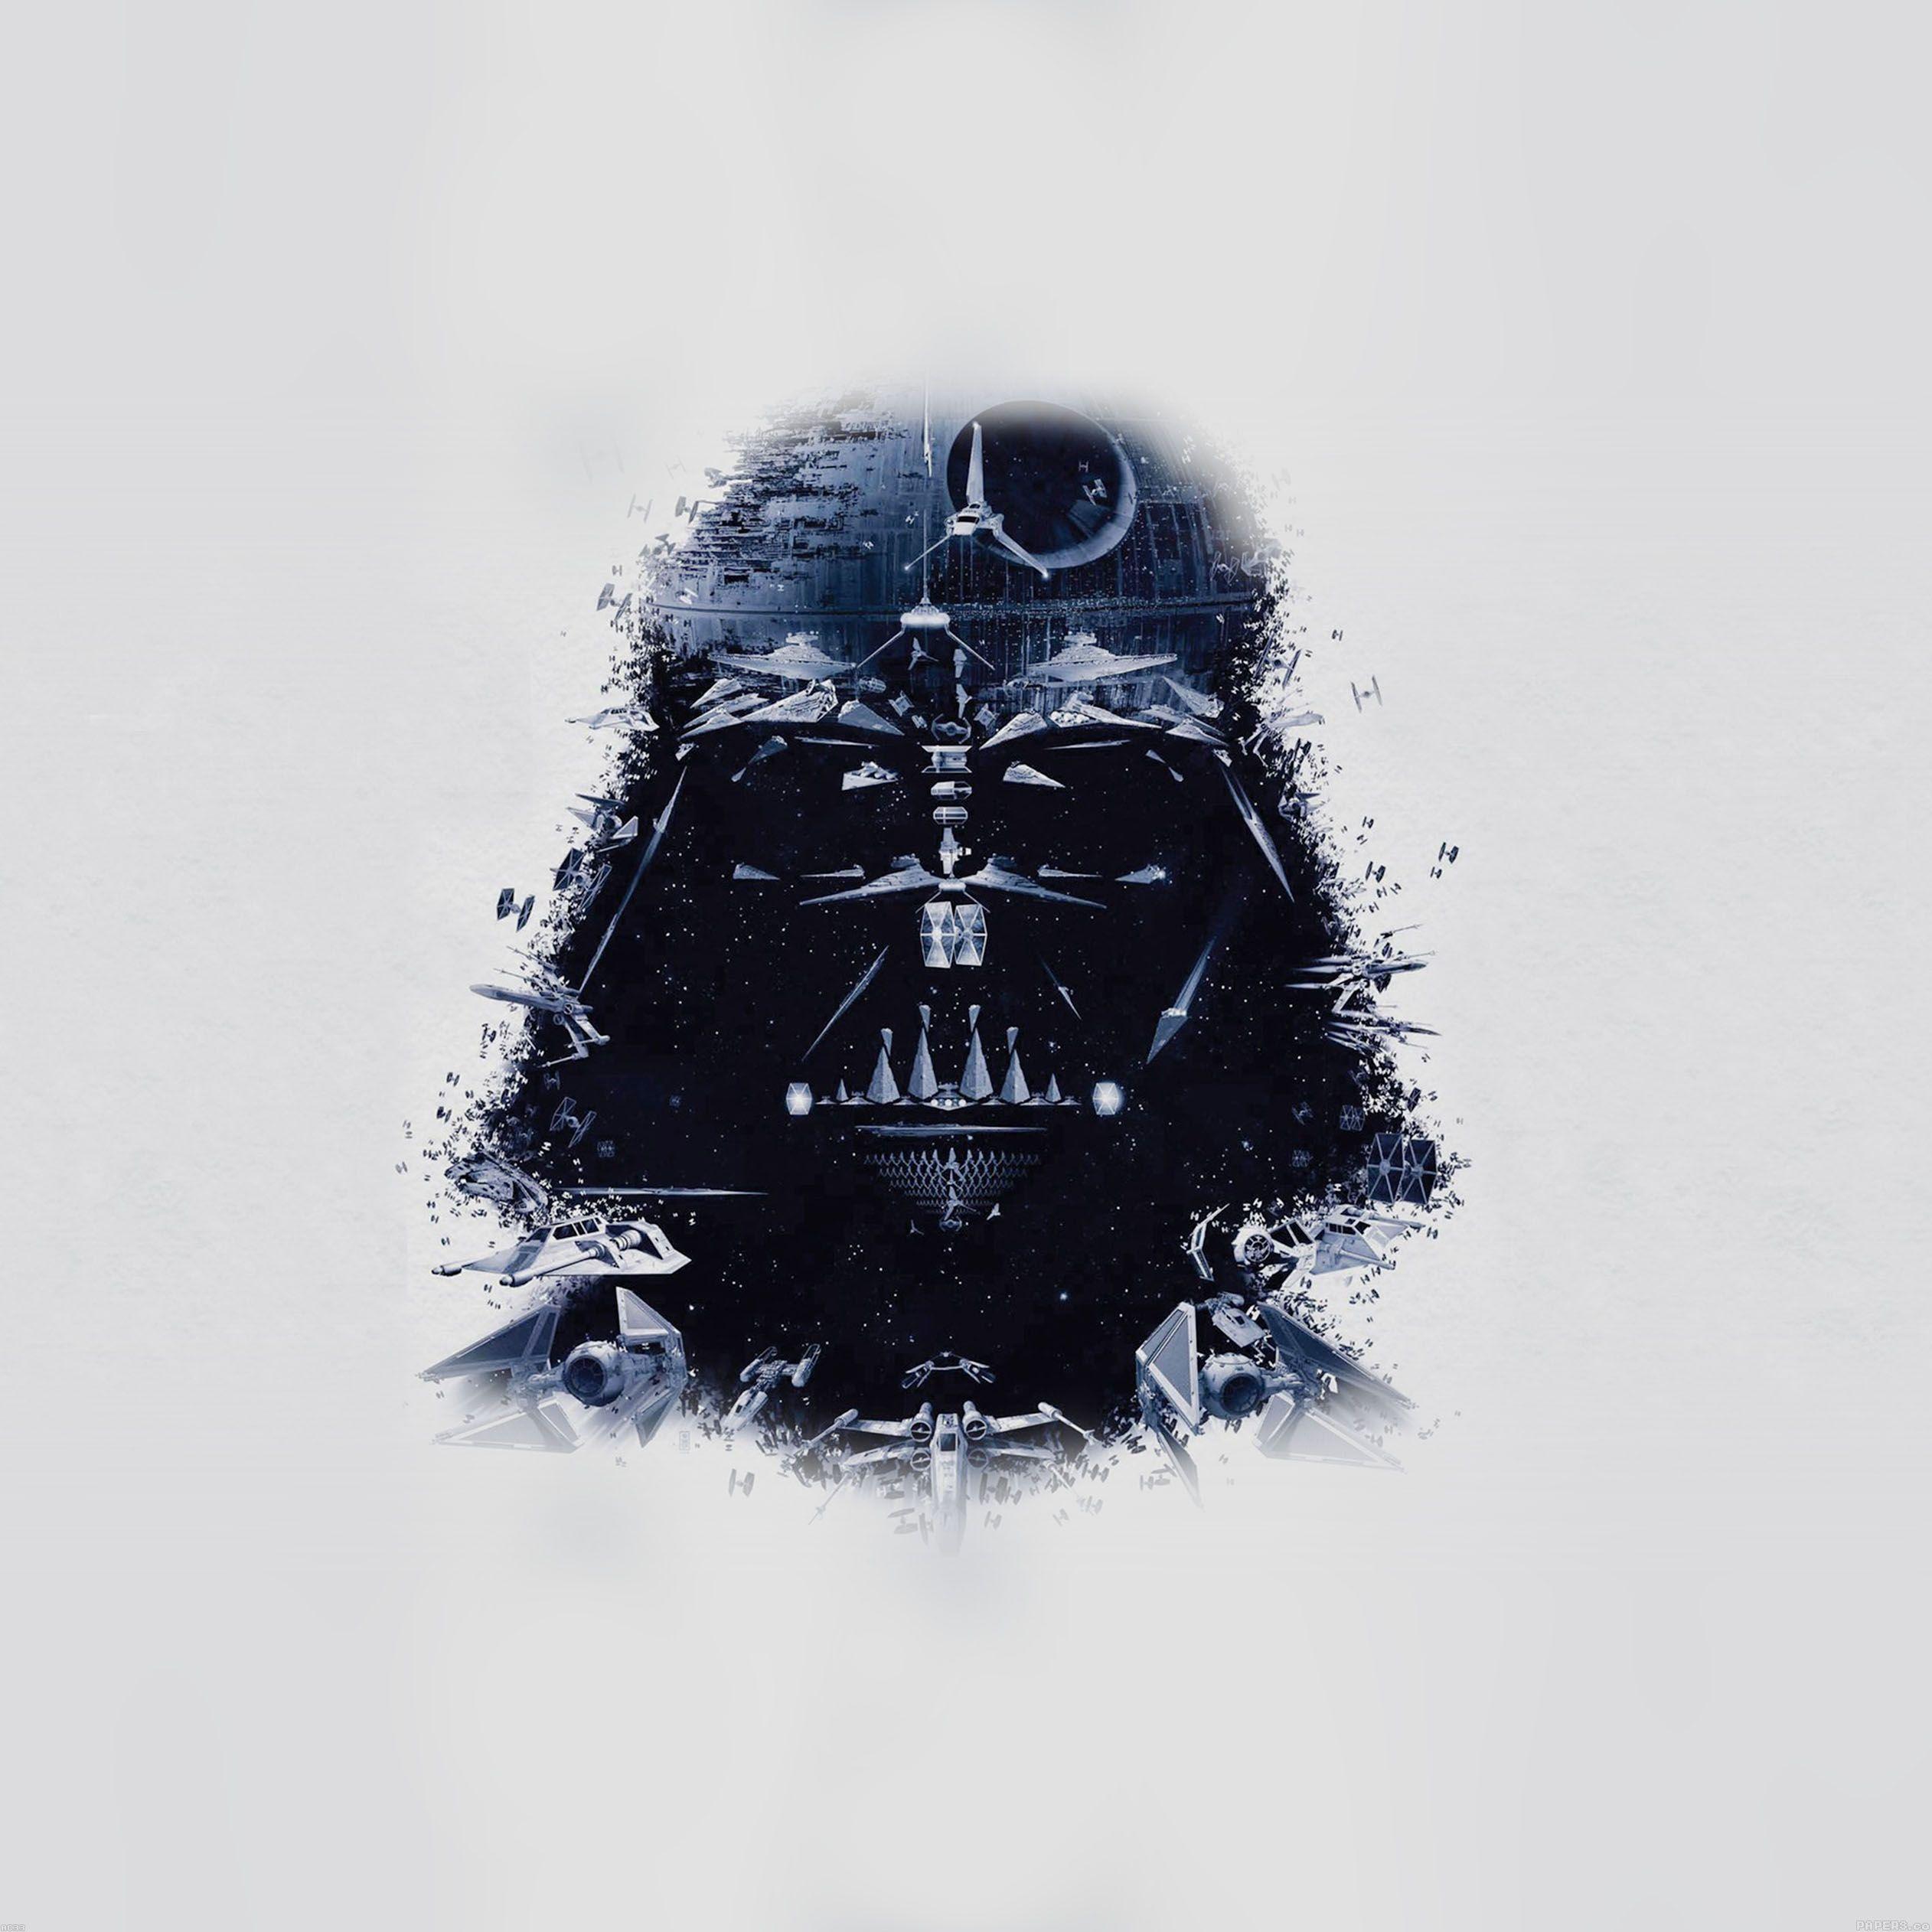 Epic Star Wars Wallpapers D Digital paintings Movies Телефон